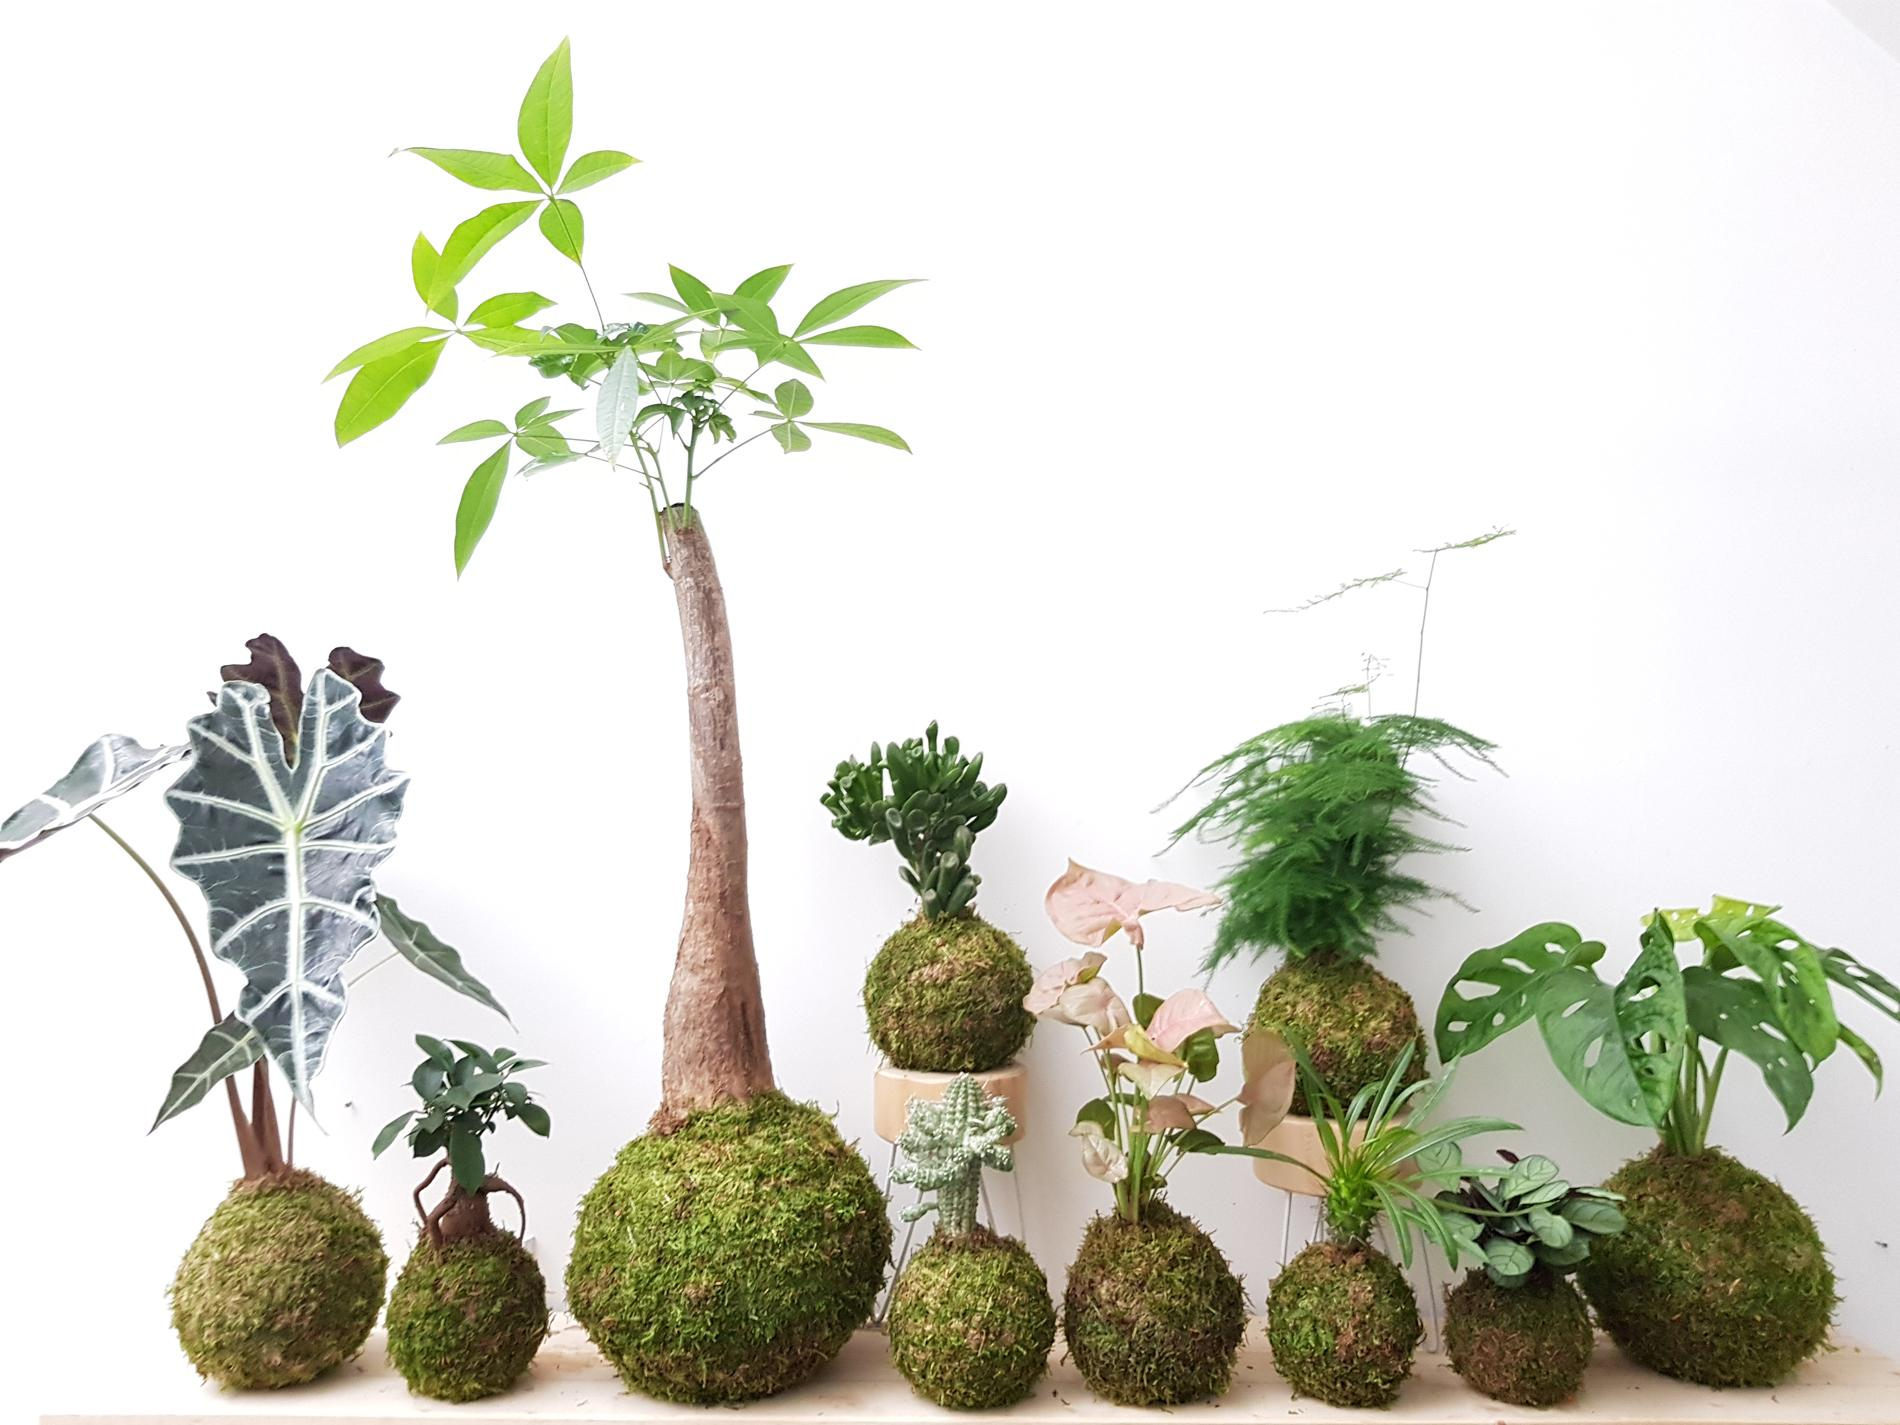 Plante D Intérieur A Faire Pousser bien choisir ses plantes d'intérieur quand on n'a pas la